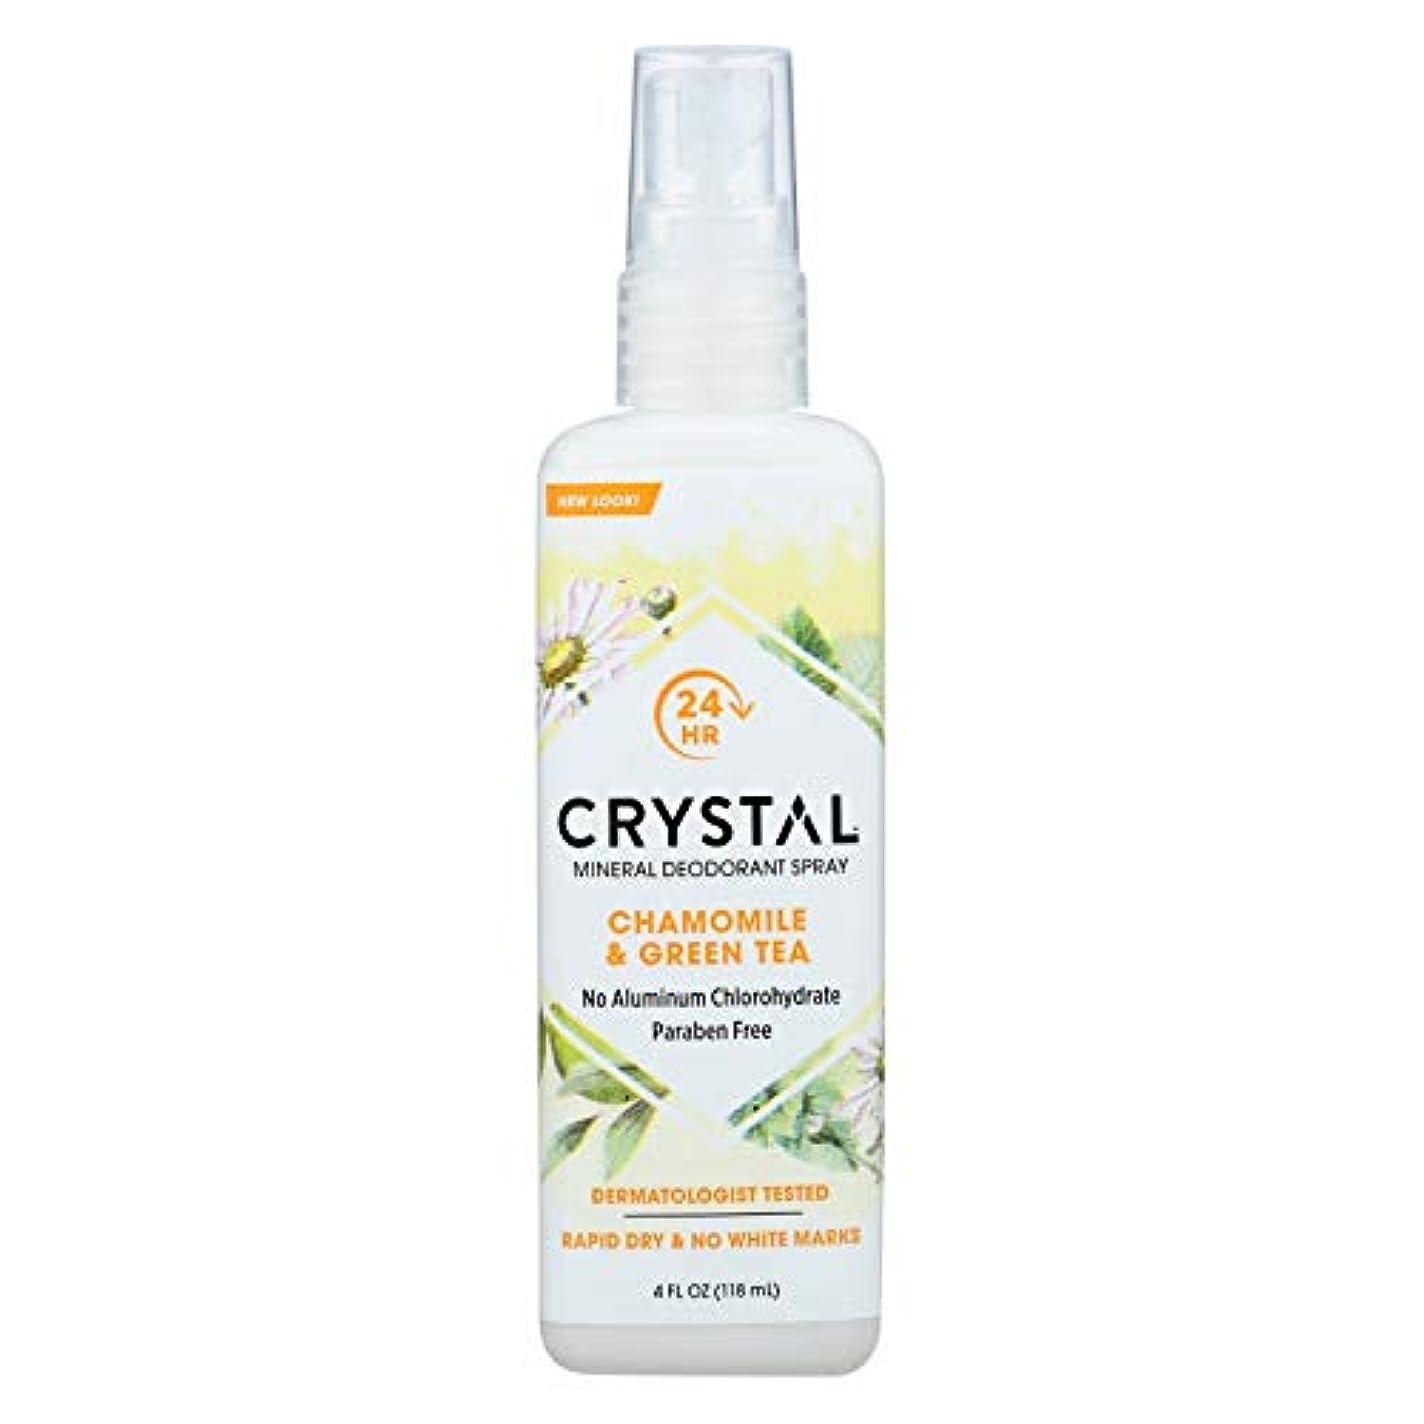 知り合いの段階Crystal Body Deodorant - 水晶本質のフランスの運輸Chamomile及び緑茶によるミネラル防臭剤ボディスプレー - 4ポンド